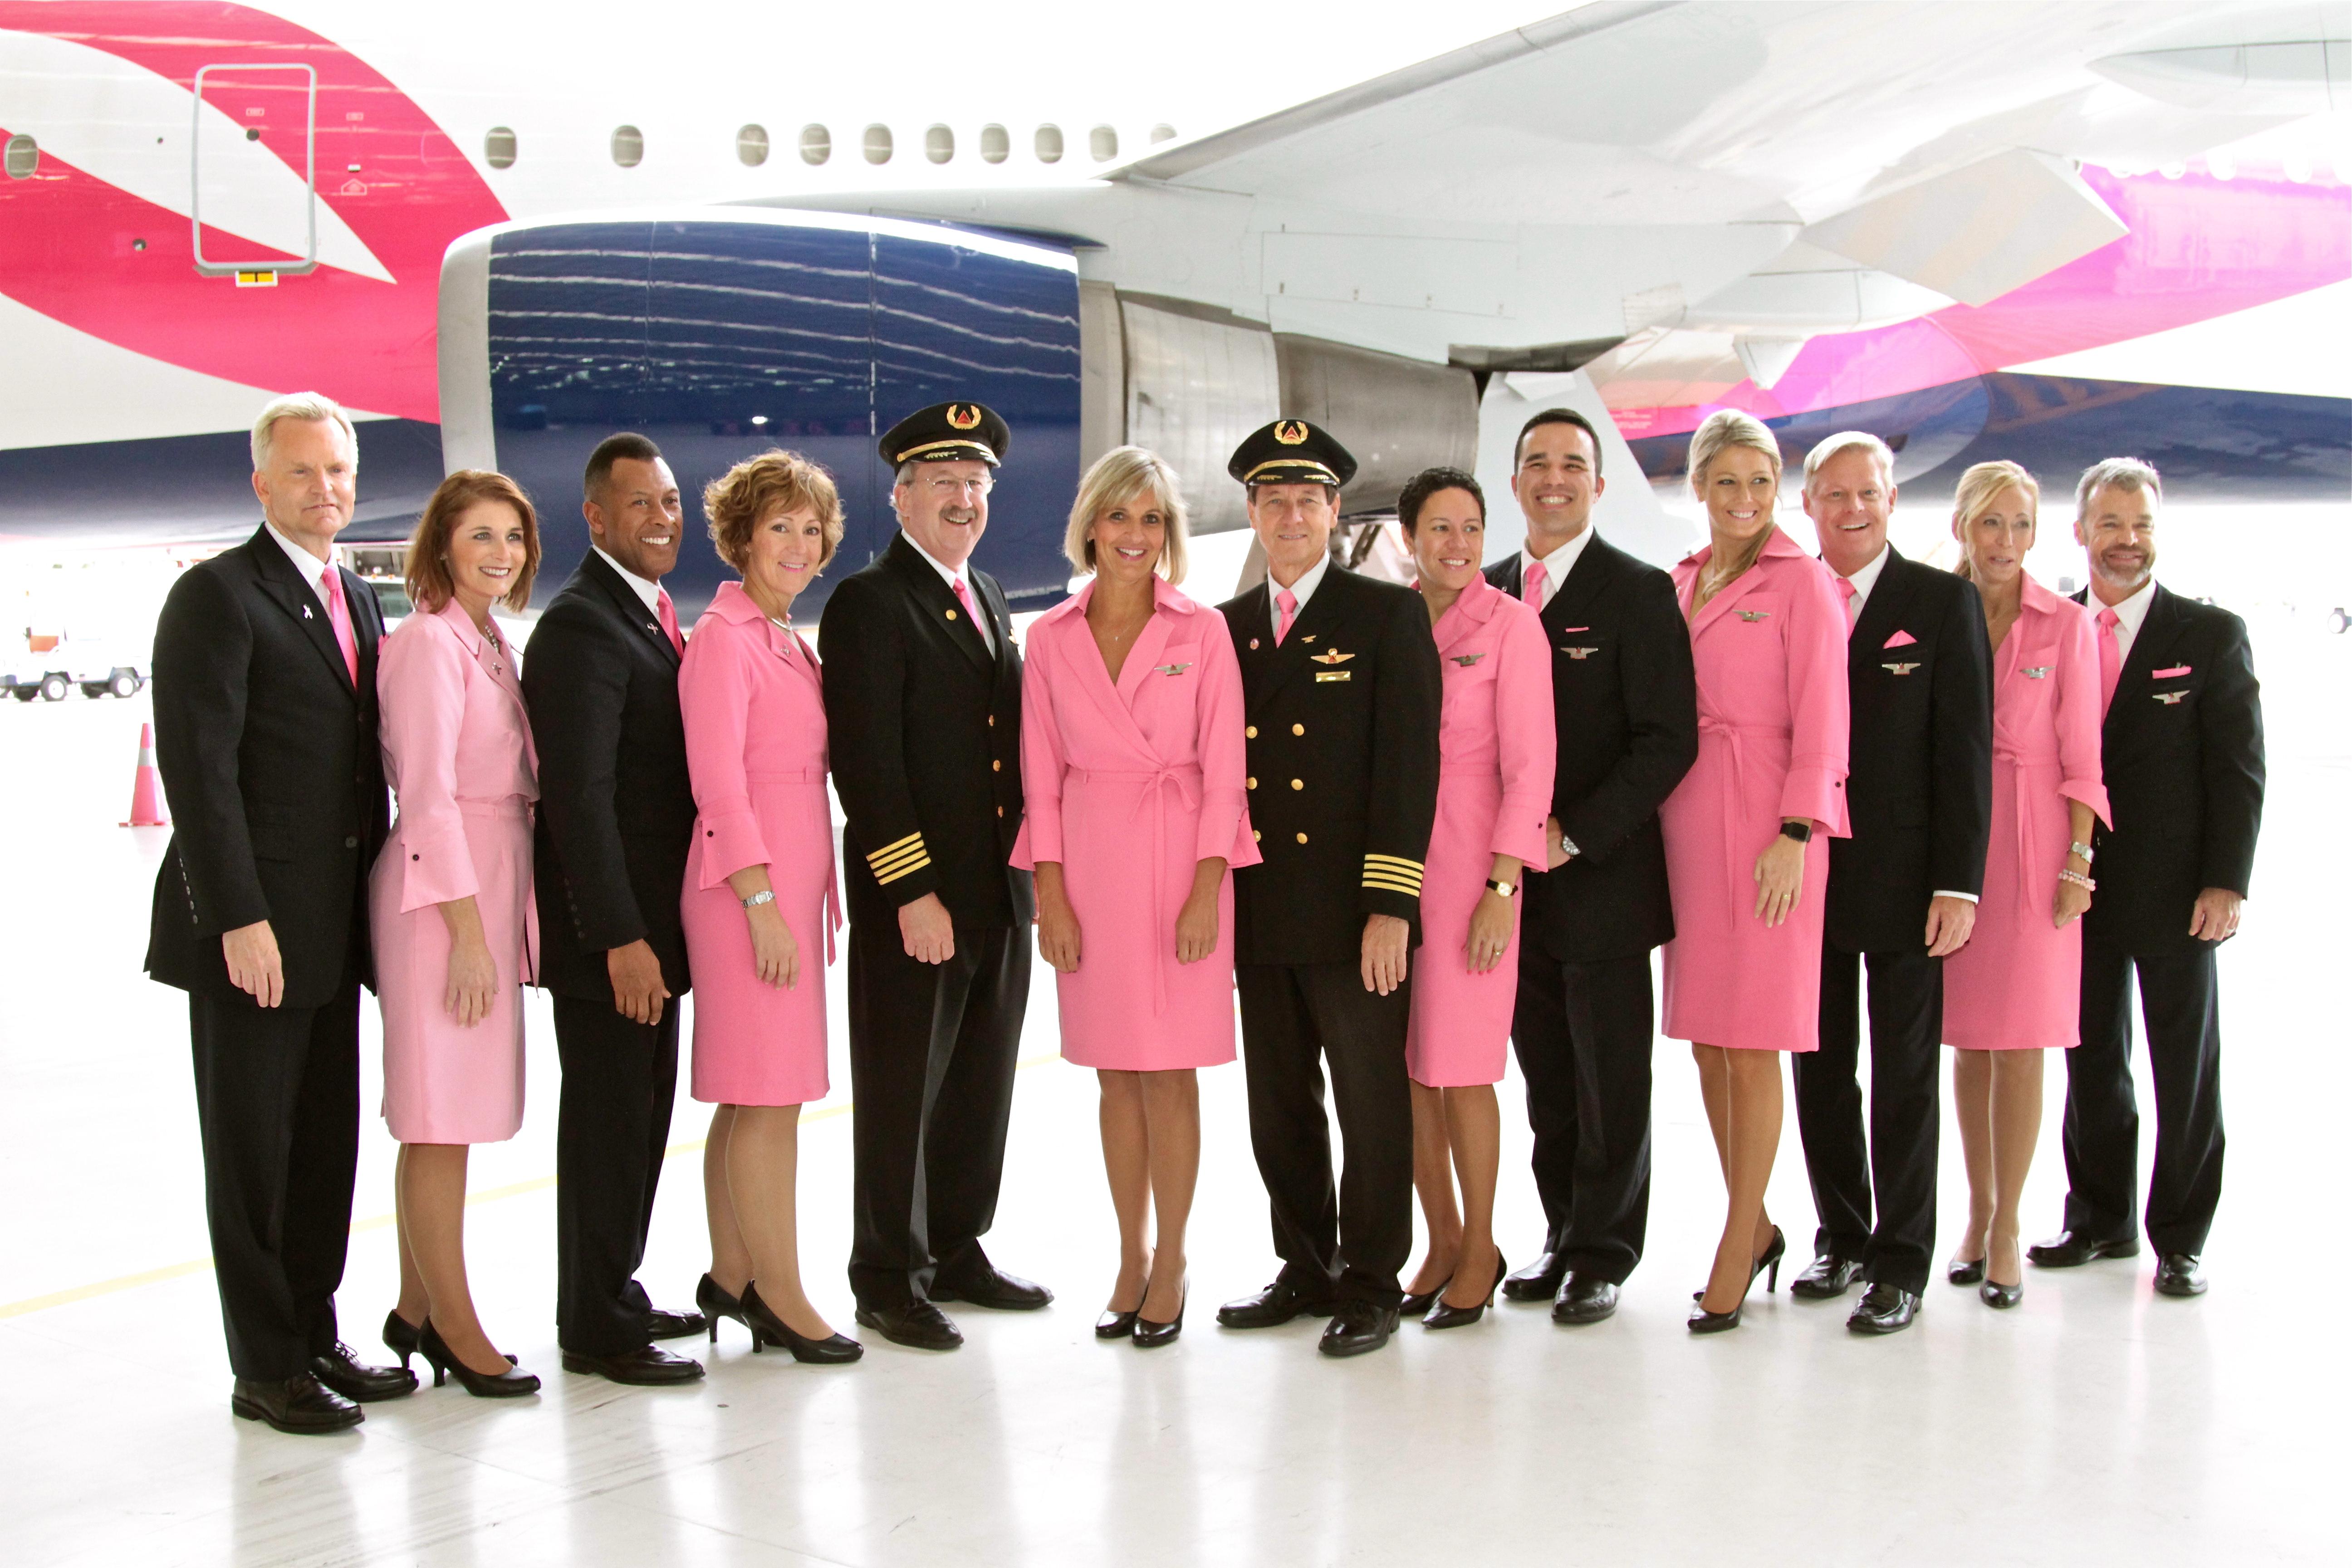 Flight Attendants in Pink Uniforms